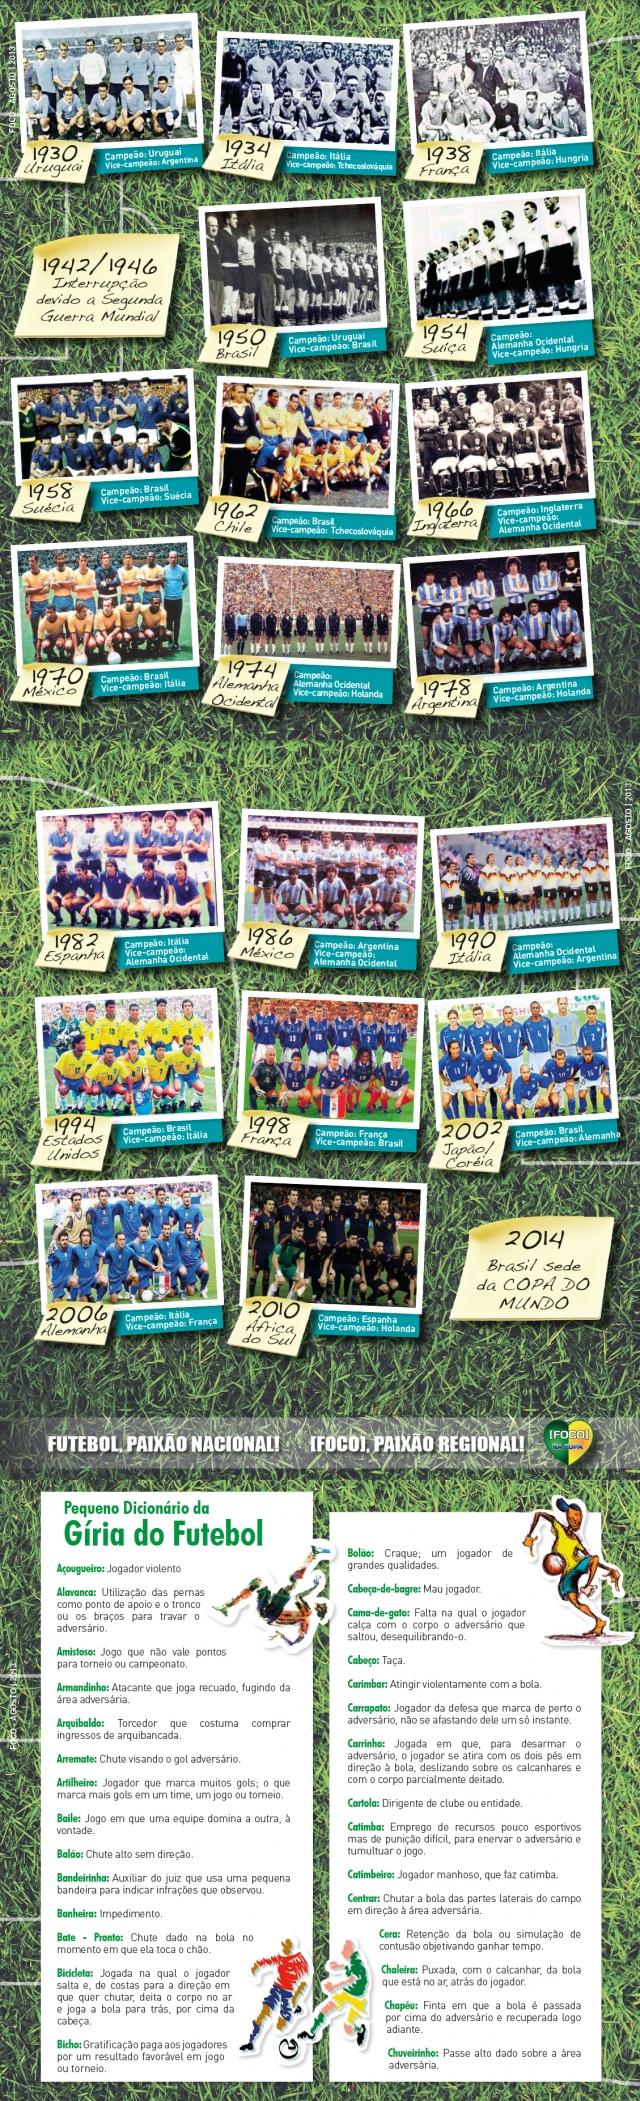 Linha do tempo das Copas Mundiais.